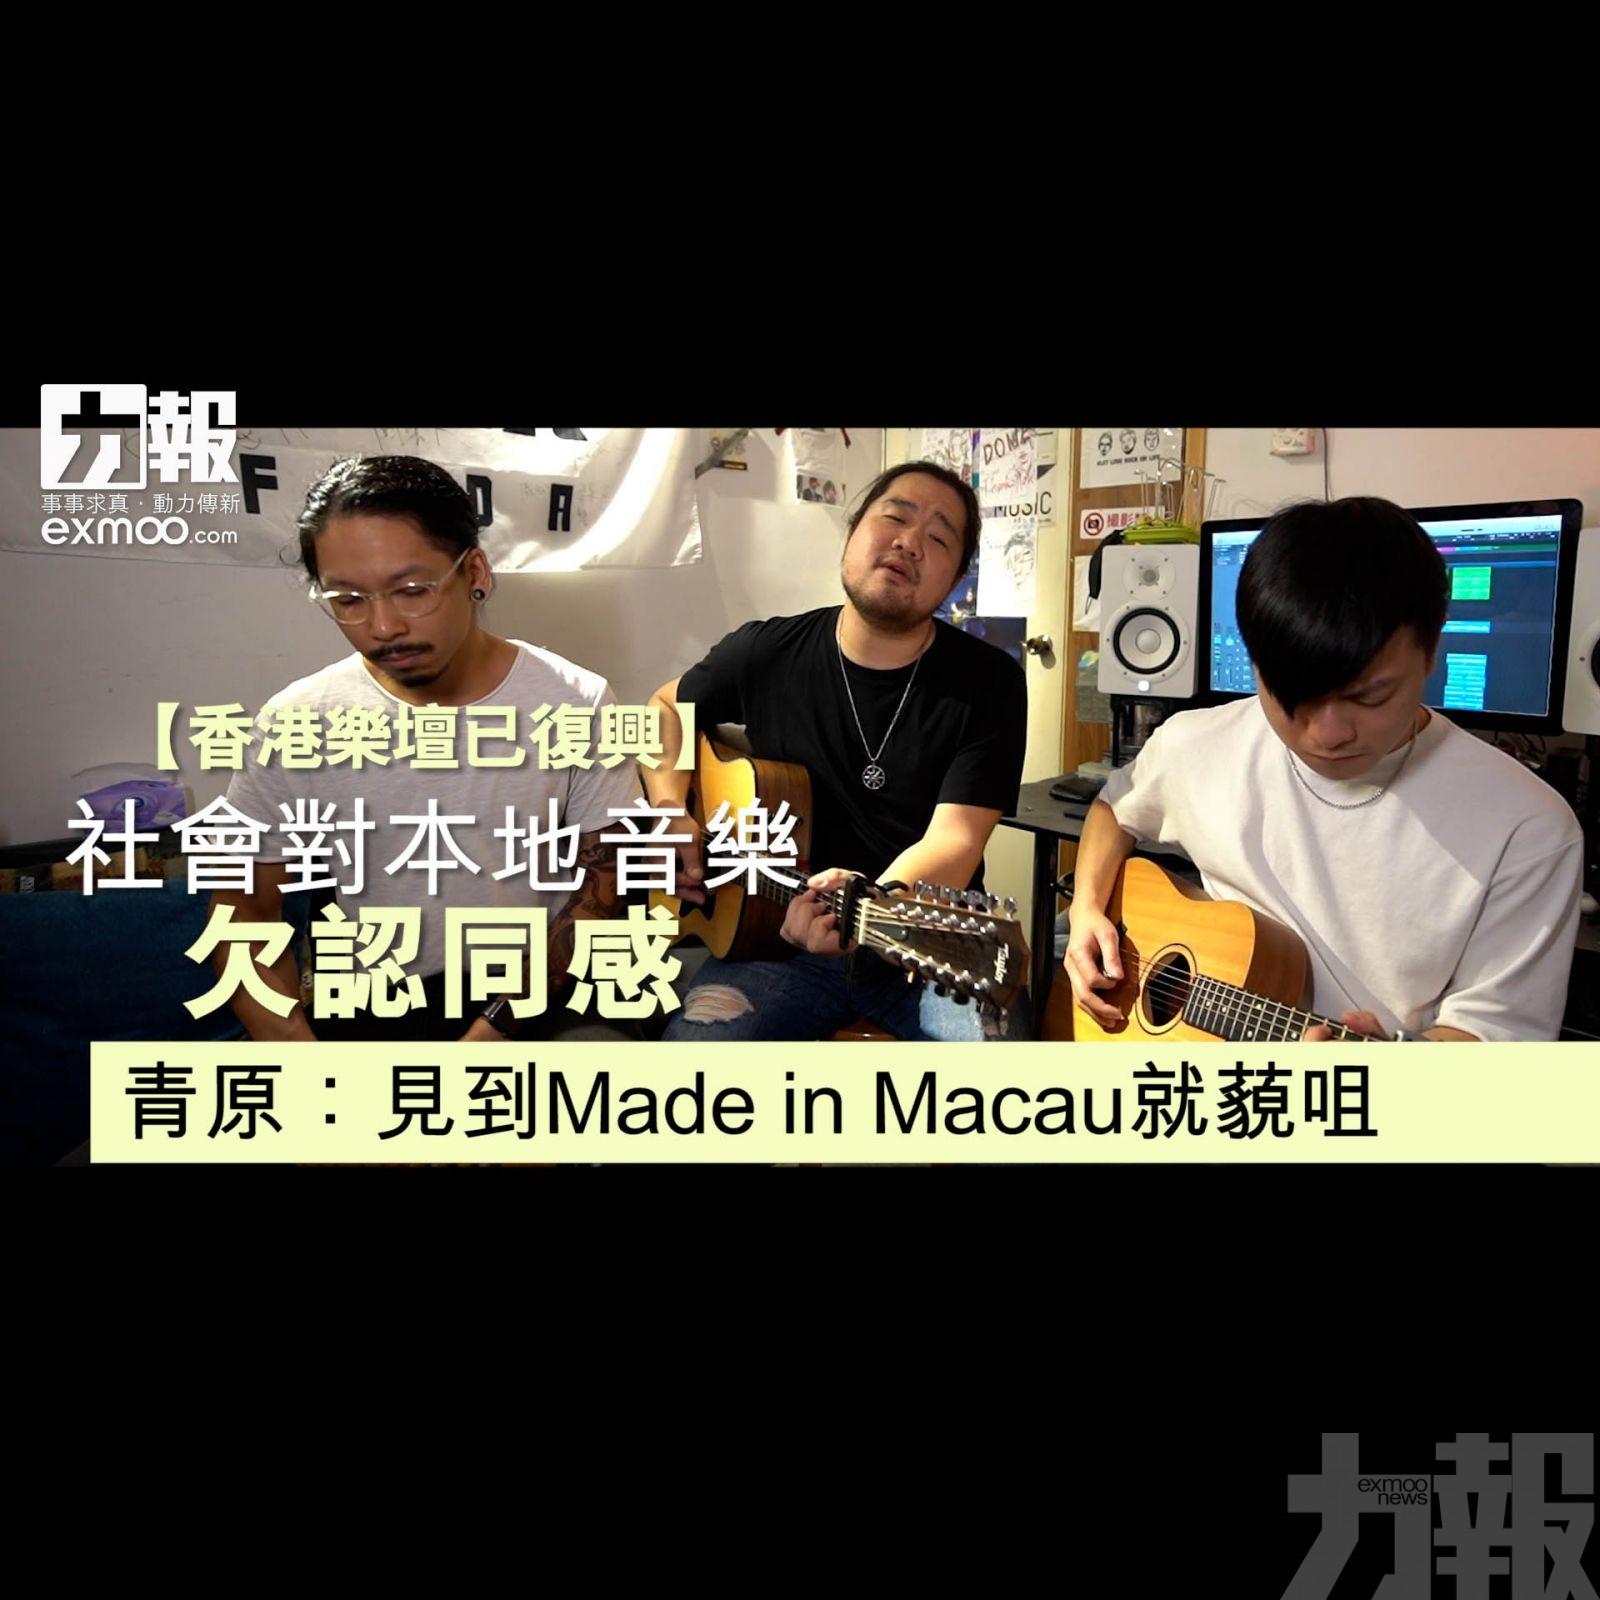 青原:見到Made in Macau 就藐咀